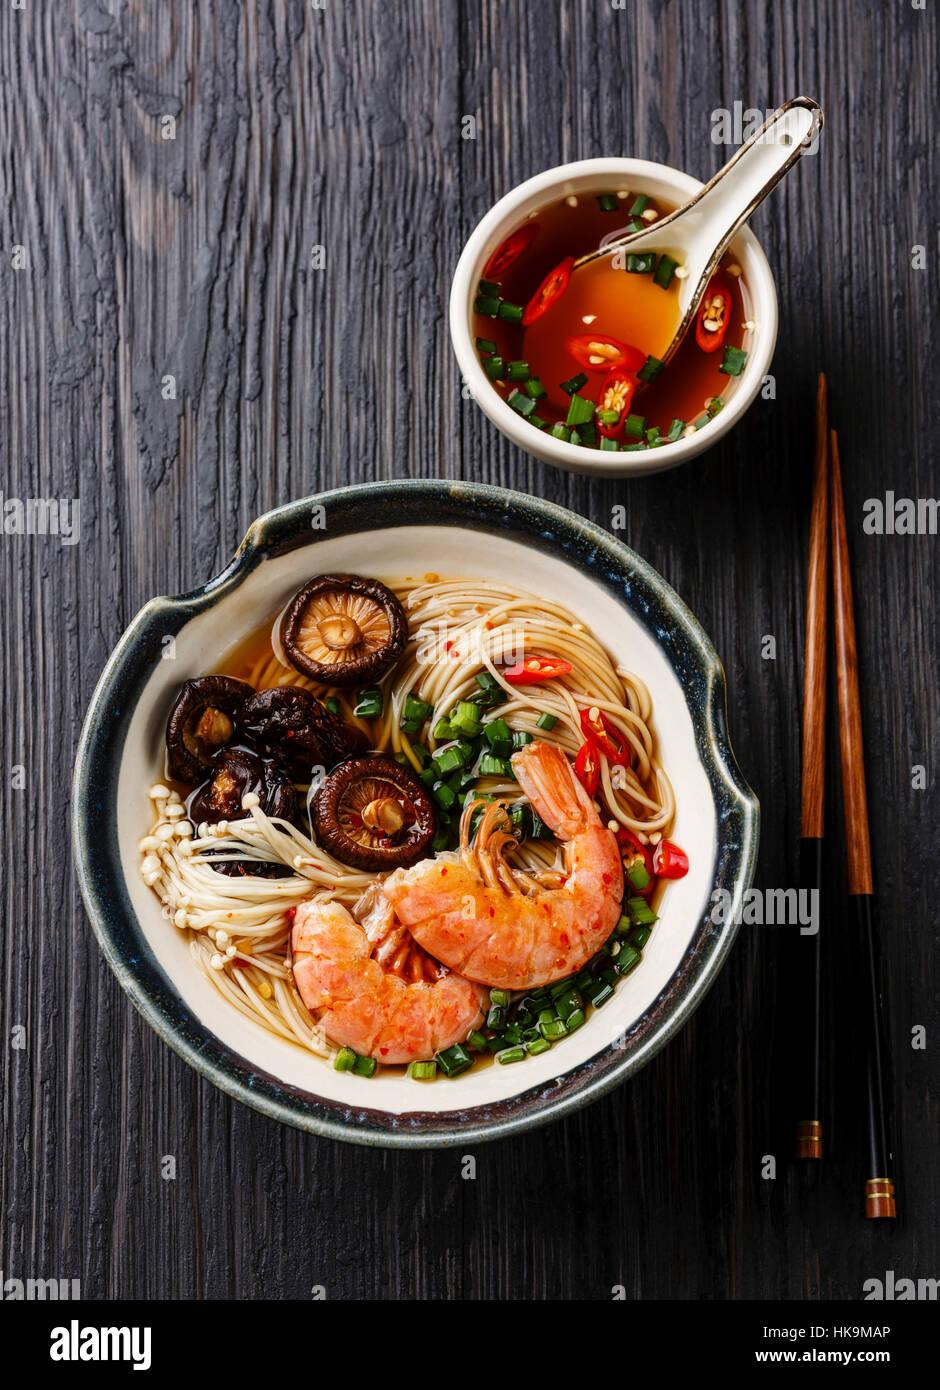 Ricetta Ramen Ai Gamberi.Spaghetti Ramen Con Gamberi E Funghi Shiitake Con Brodo Scuro Su Sfondo Di Legno Foto Stock Alamy